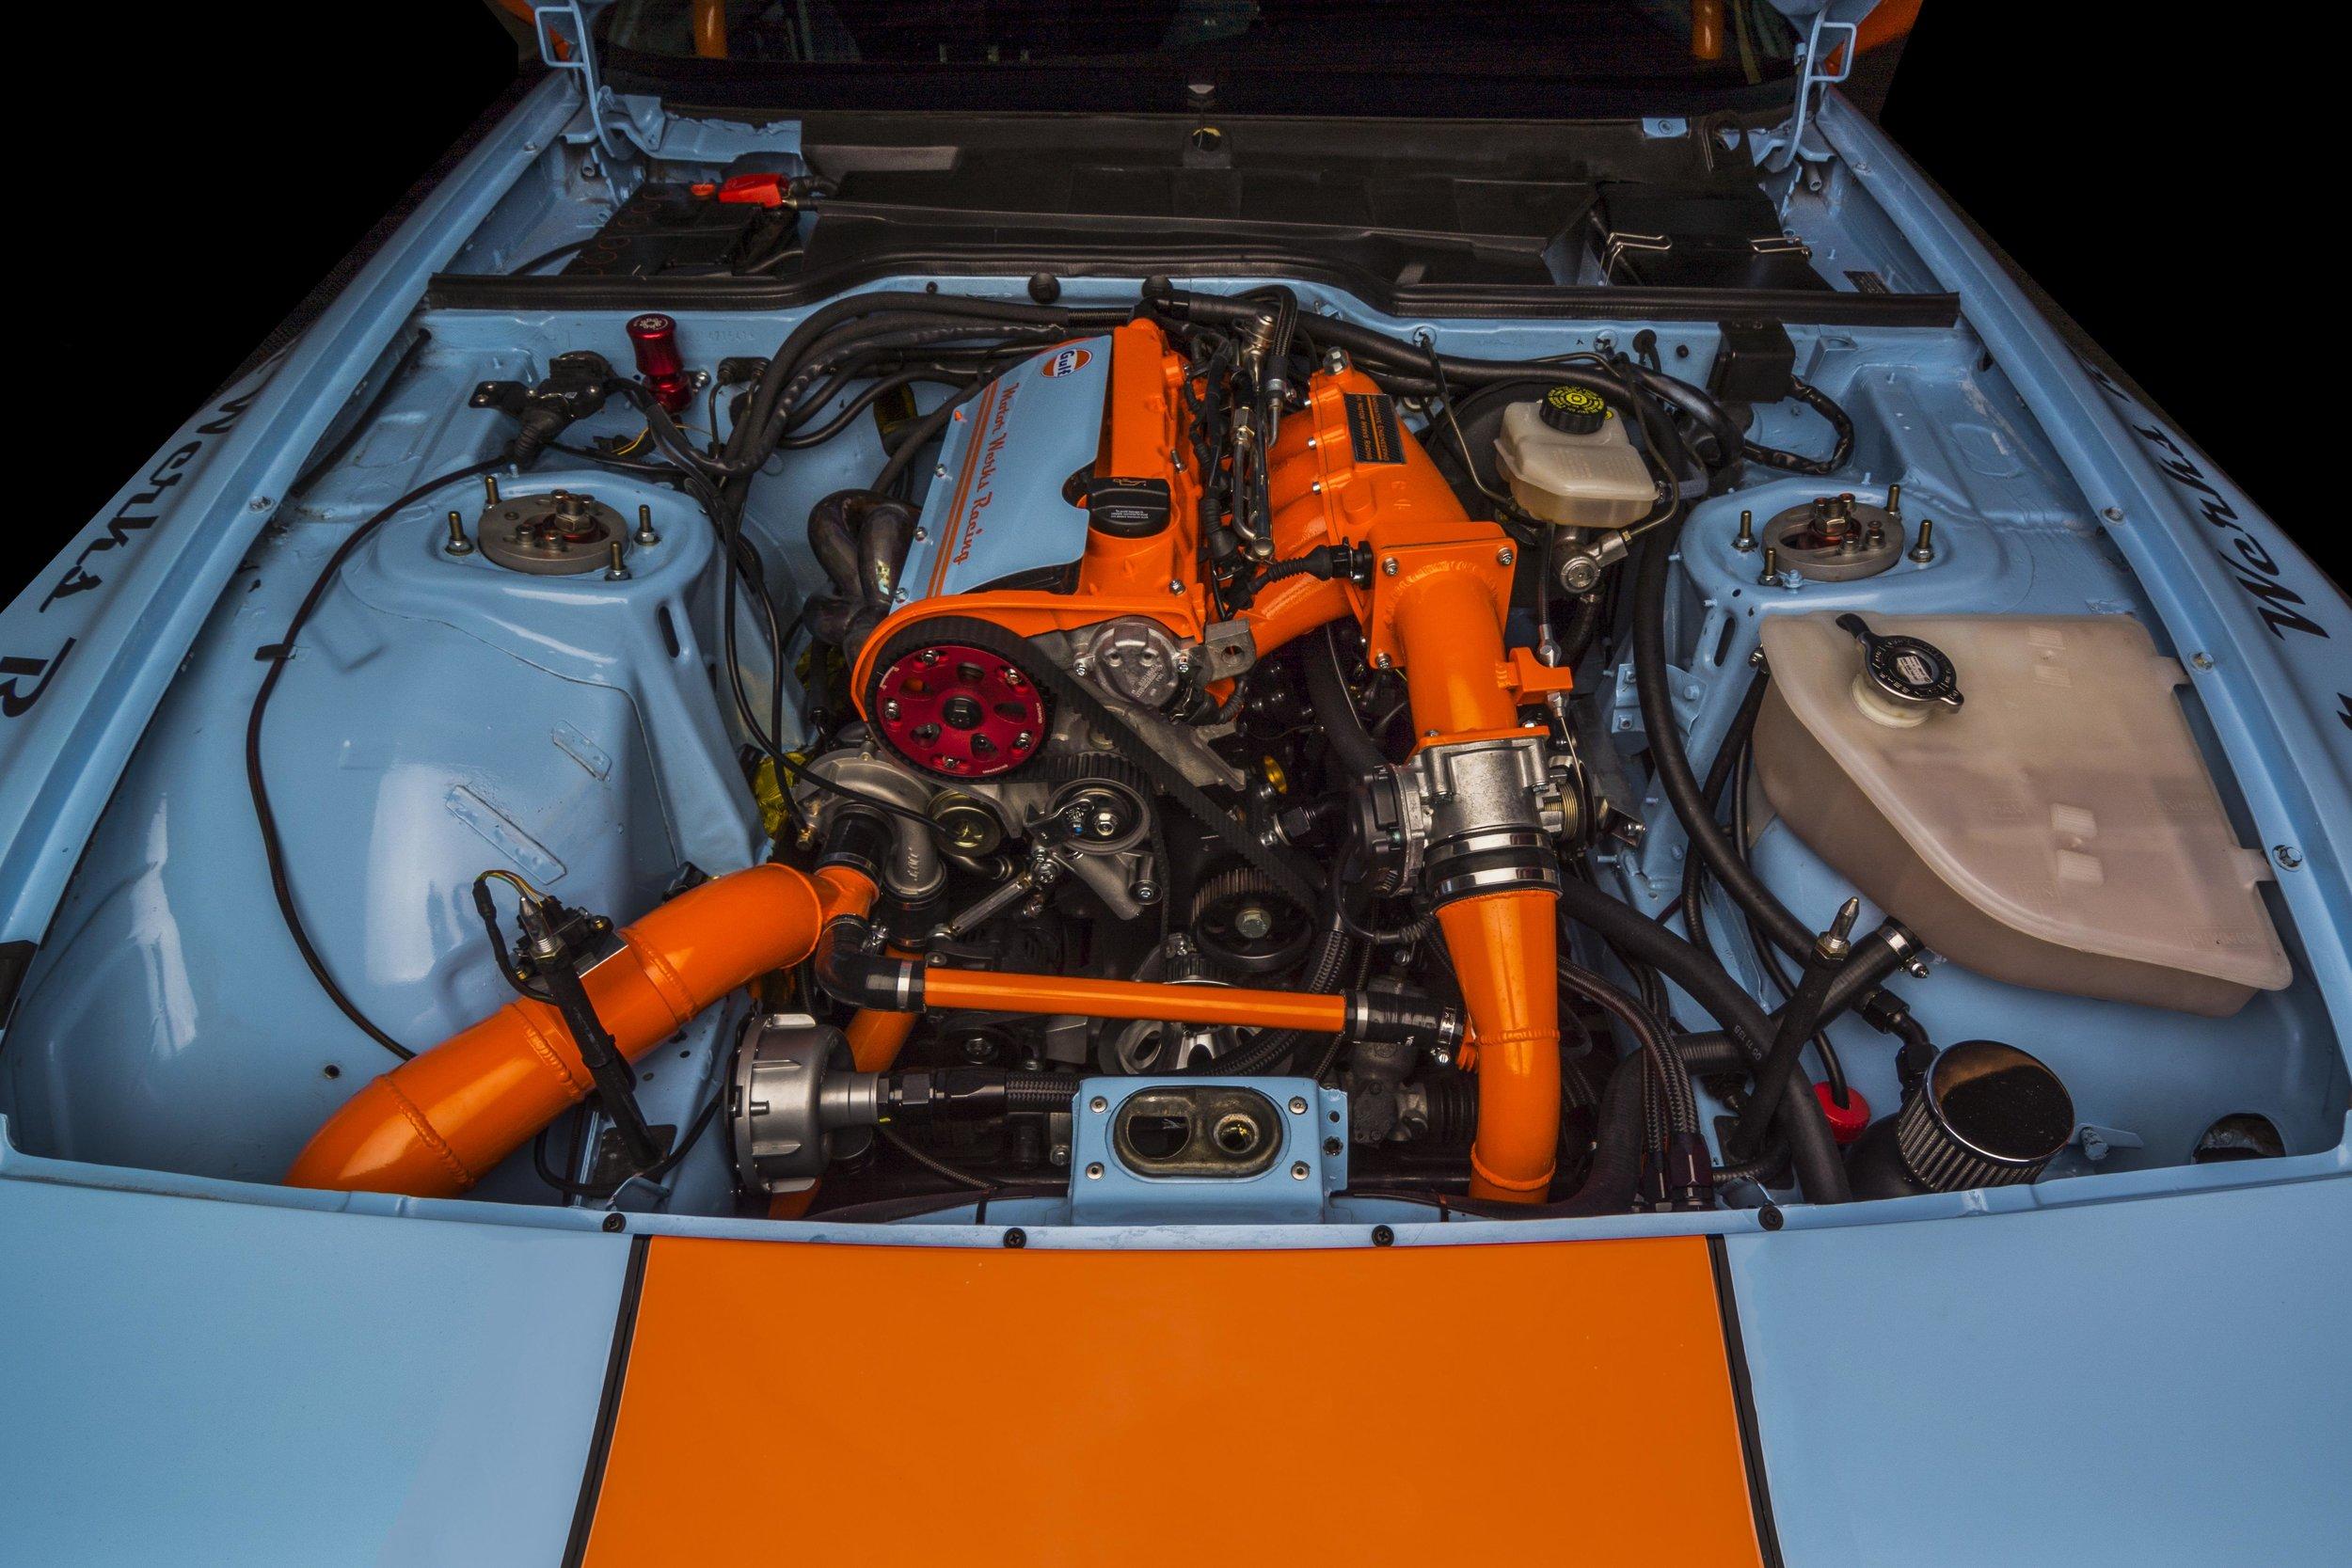 Motor Werks Racing Porsche 944 1.8T Engine Swap